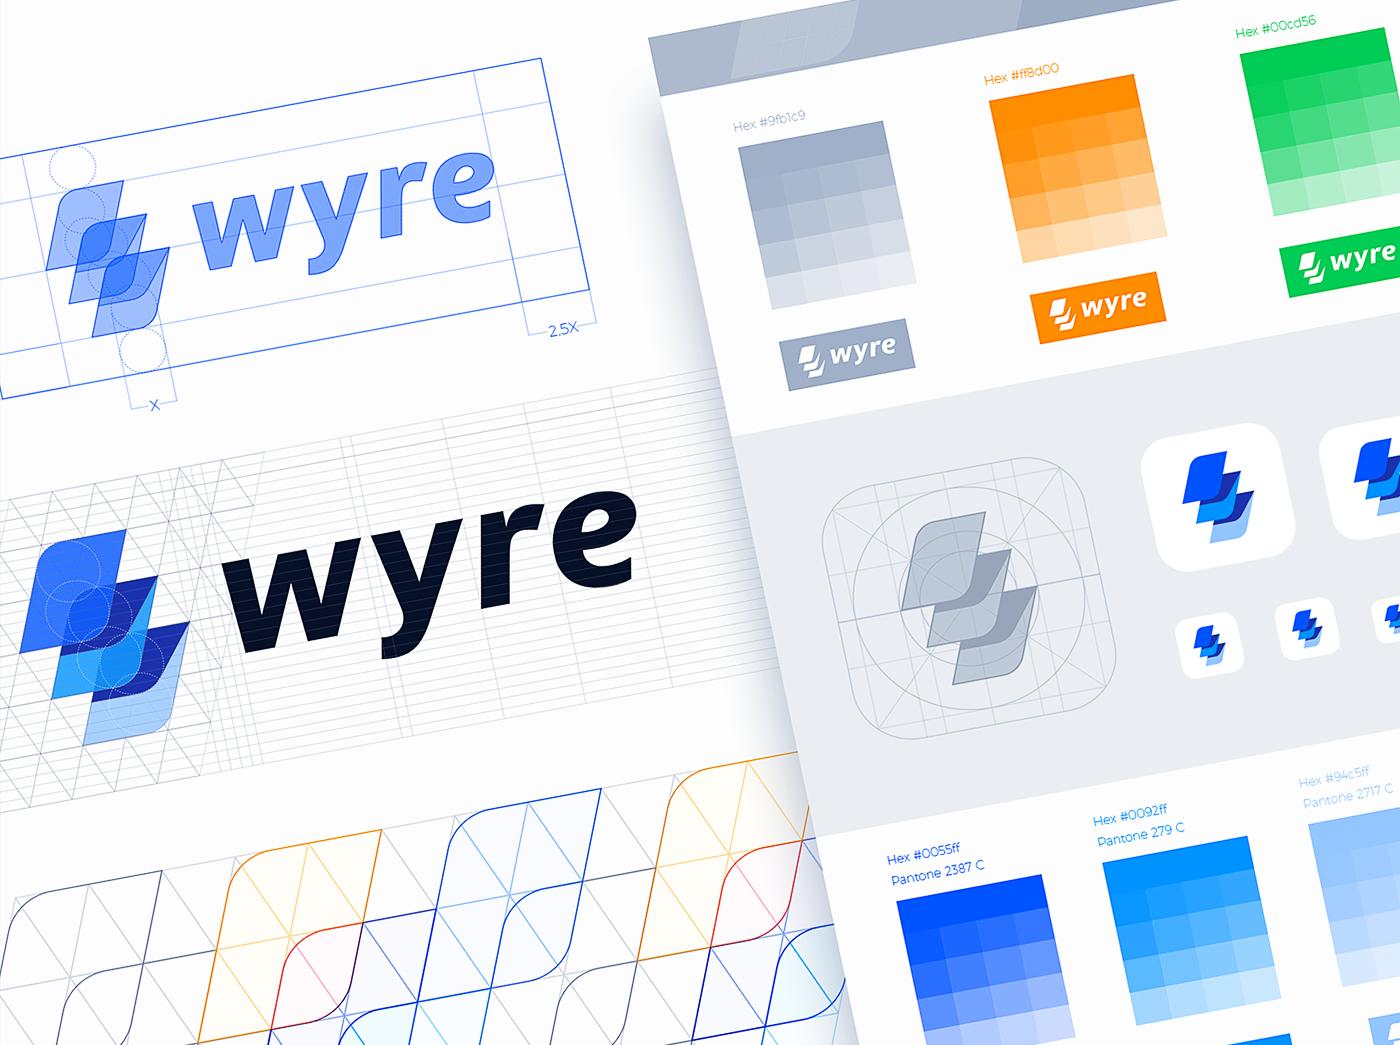 Wyre支付系统品牌设计 欣赏-第17张